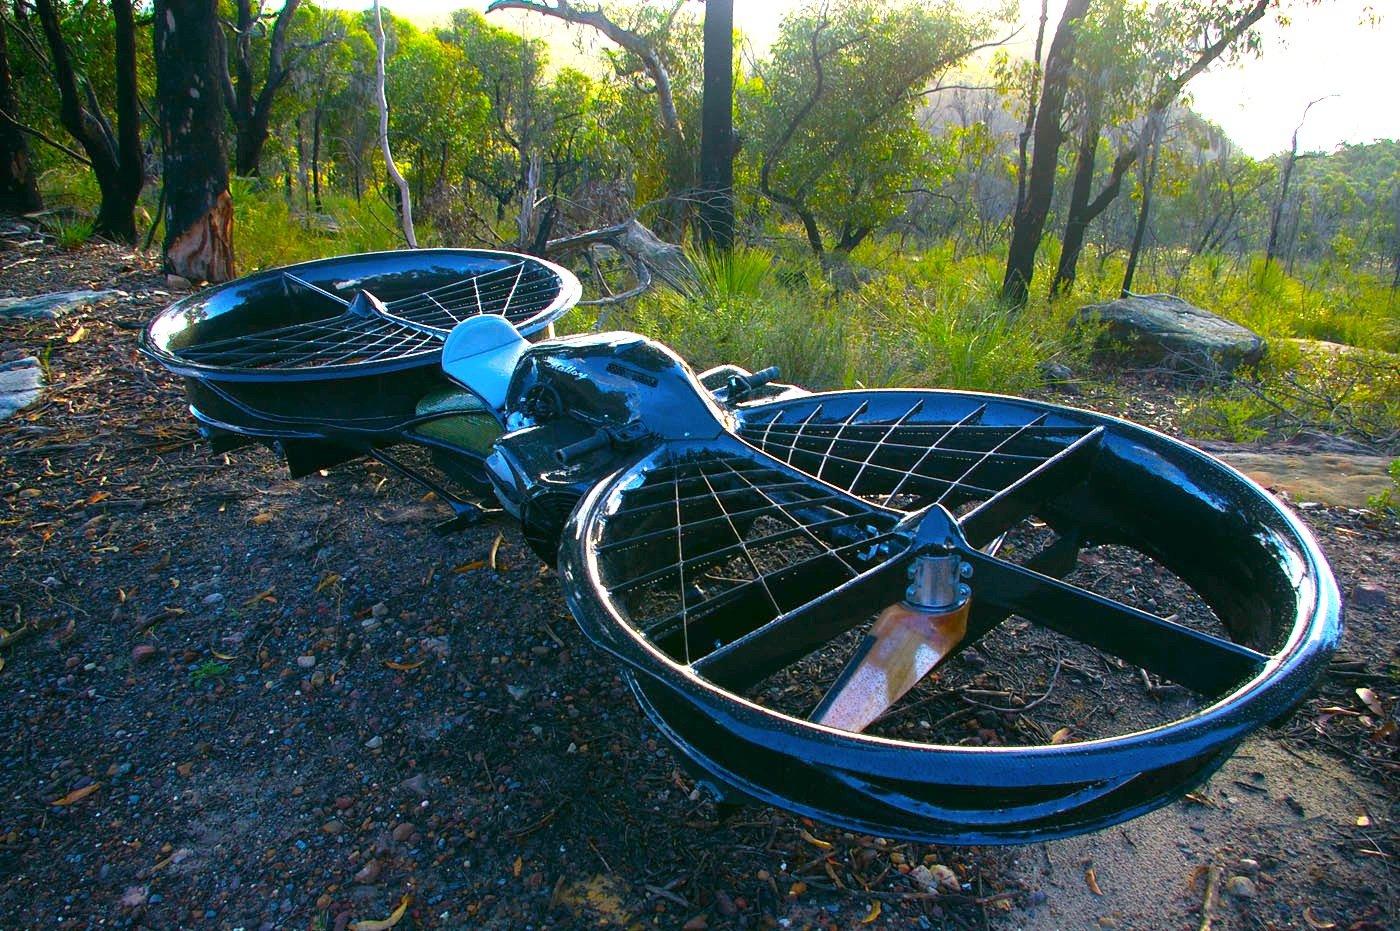 Das Hoverbike ist wie ein Motorrad für die Luft und wird von zwei Propellern angetrieben.